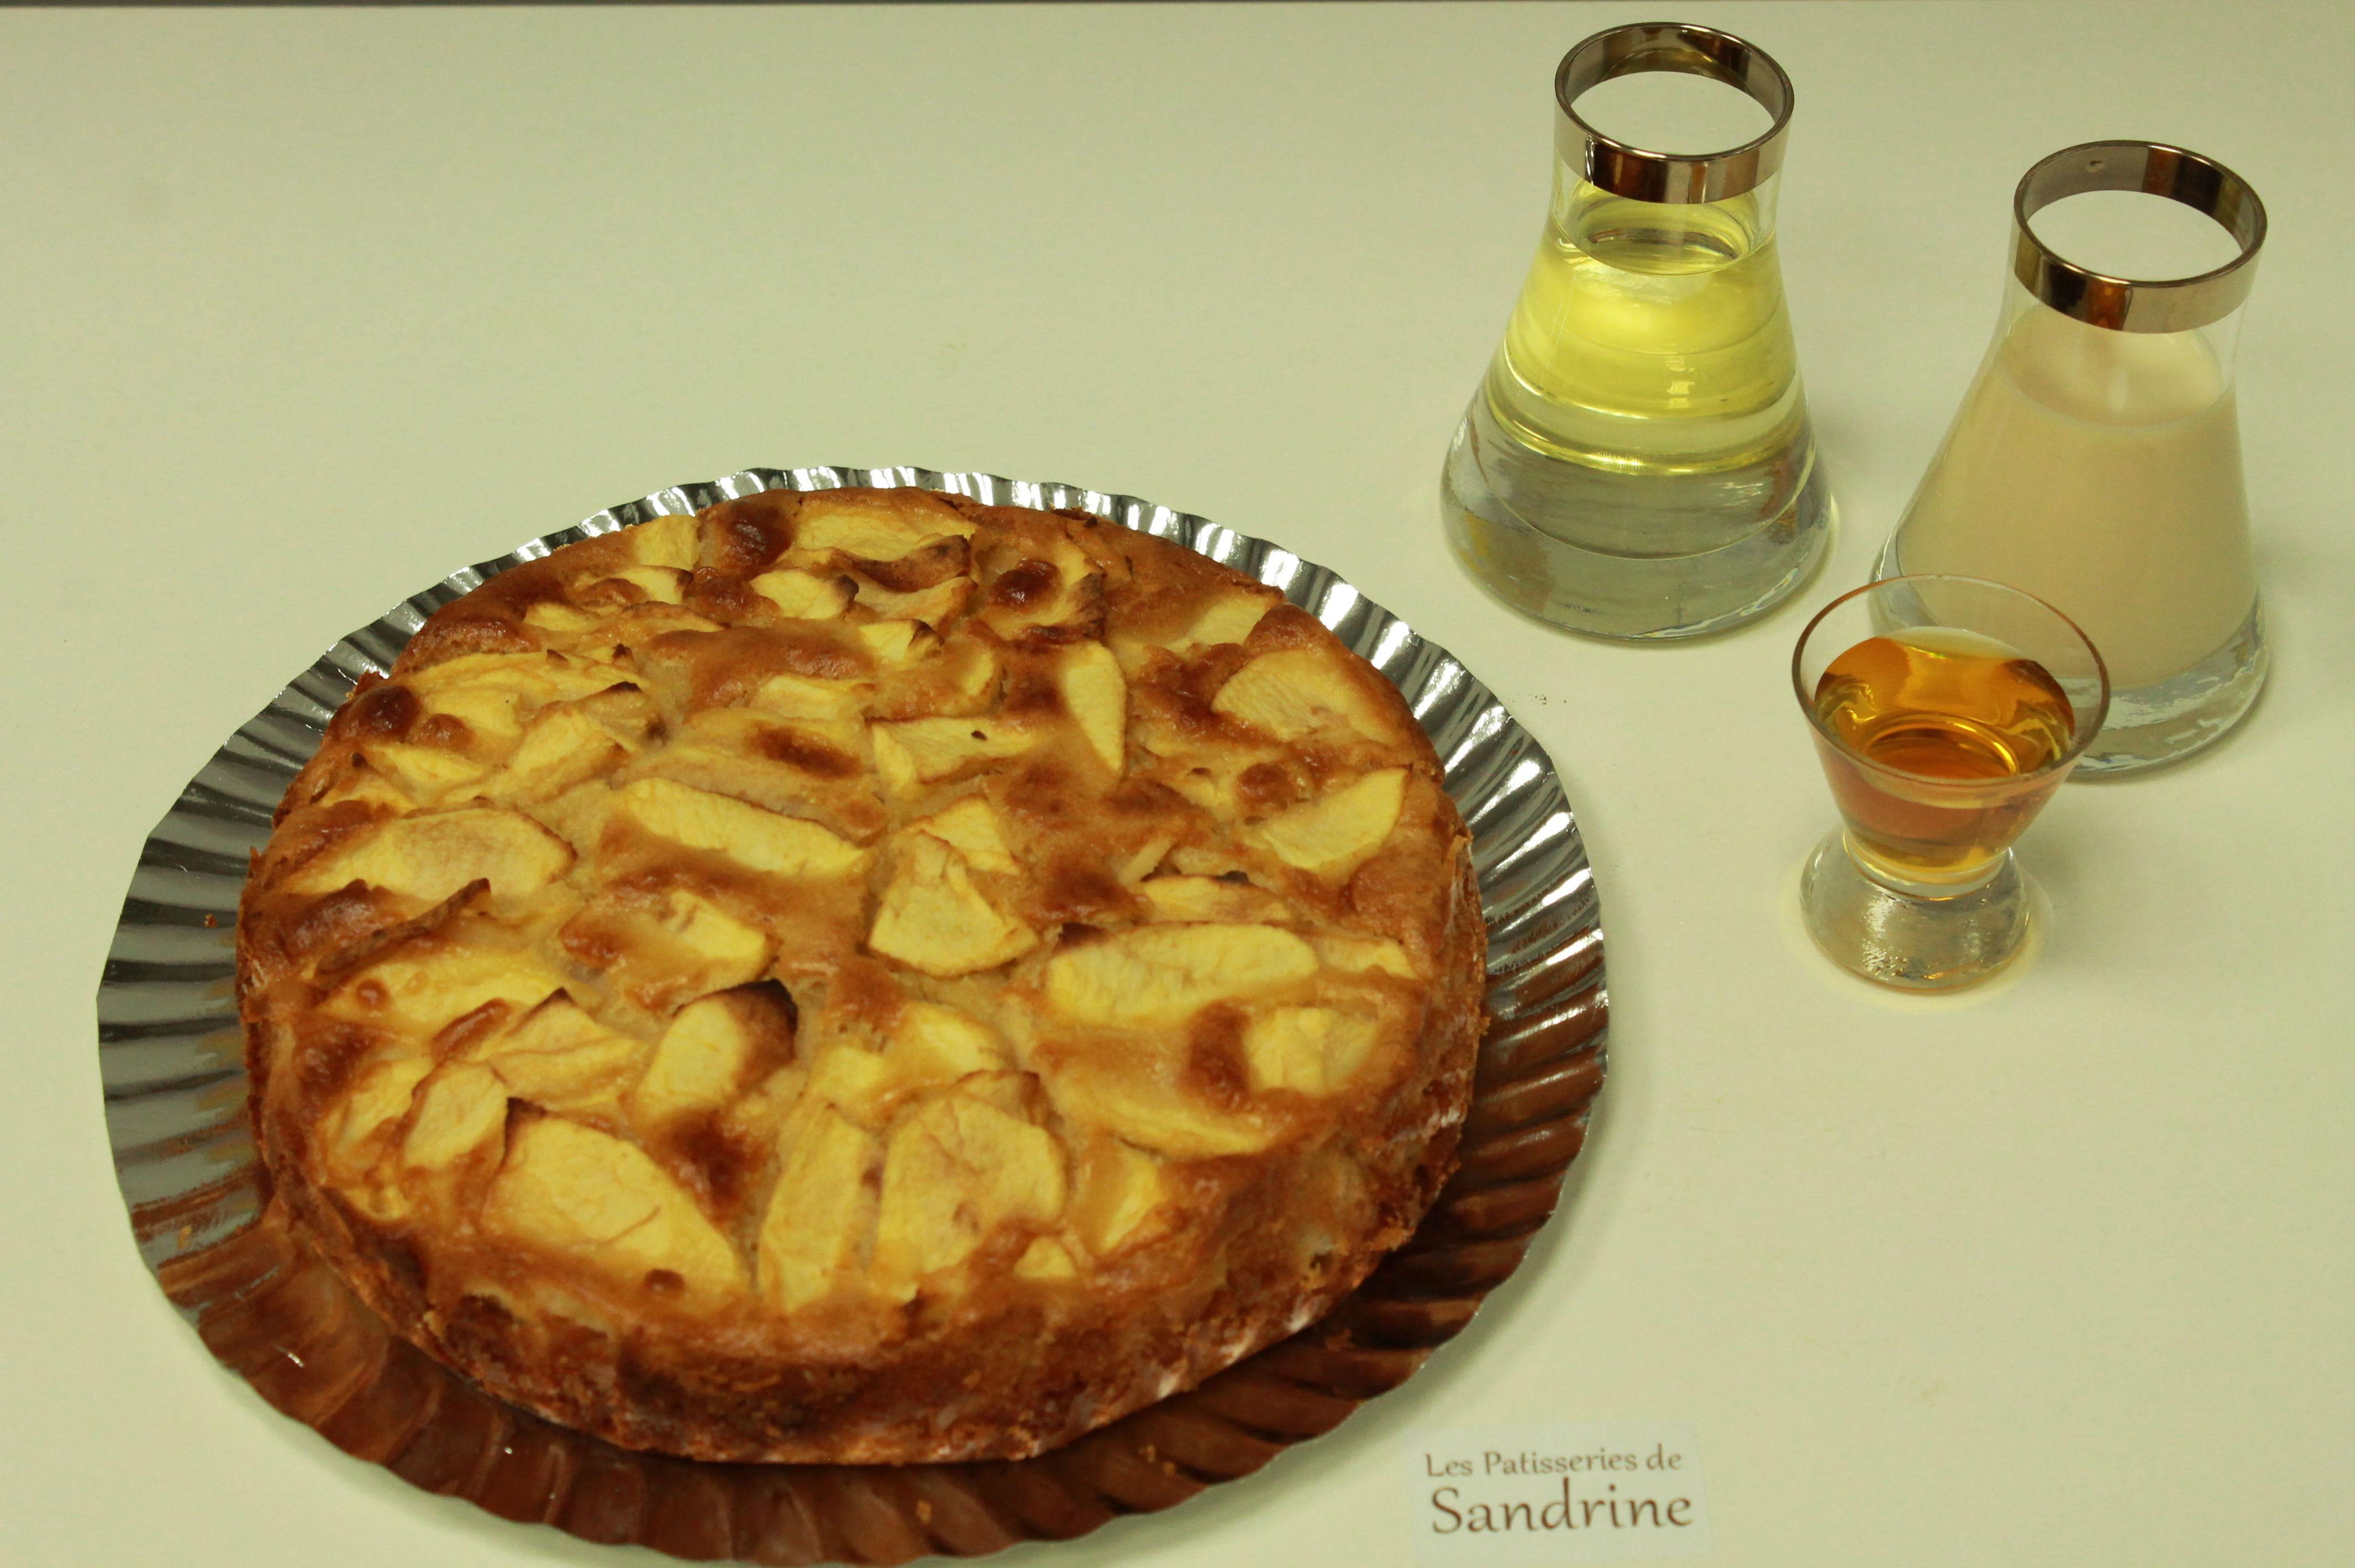 Tarta de manzana o pera: Productos de Les Patisseries de Sandrine